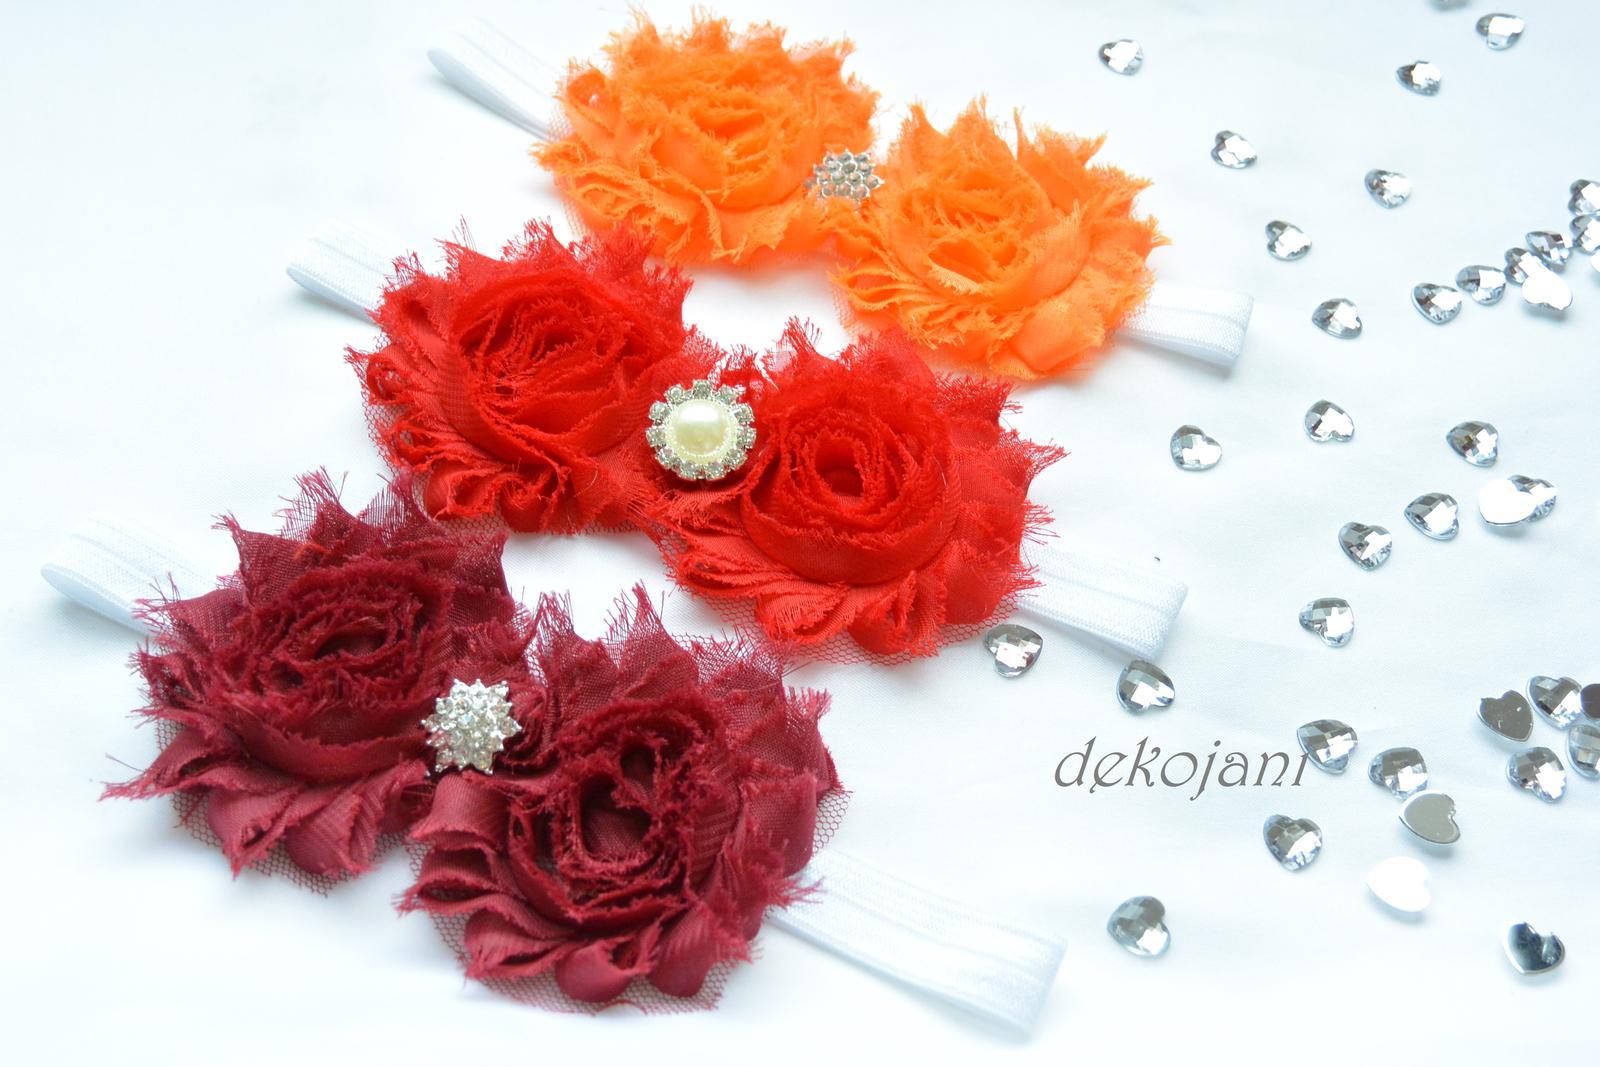 Čelenky, květiny do vlasů, náramky, obojek pro pejska... - Obrázek č. 21